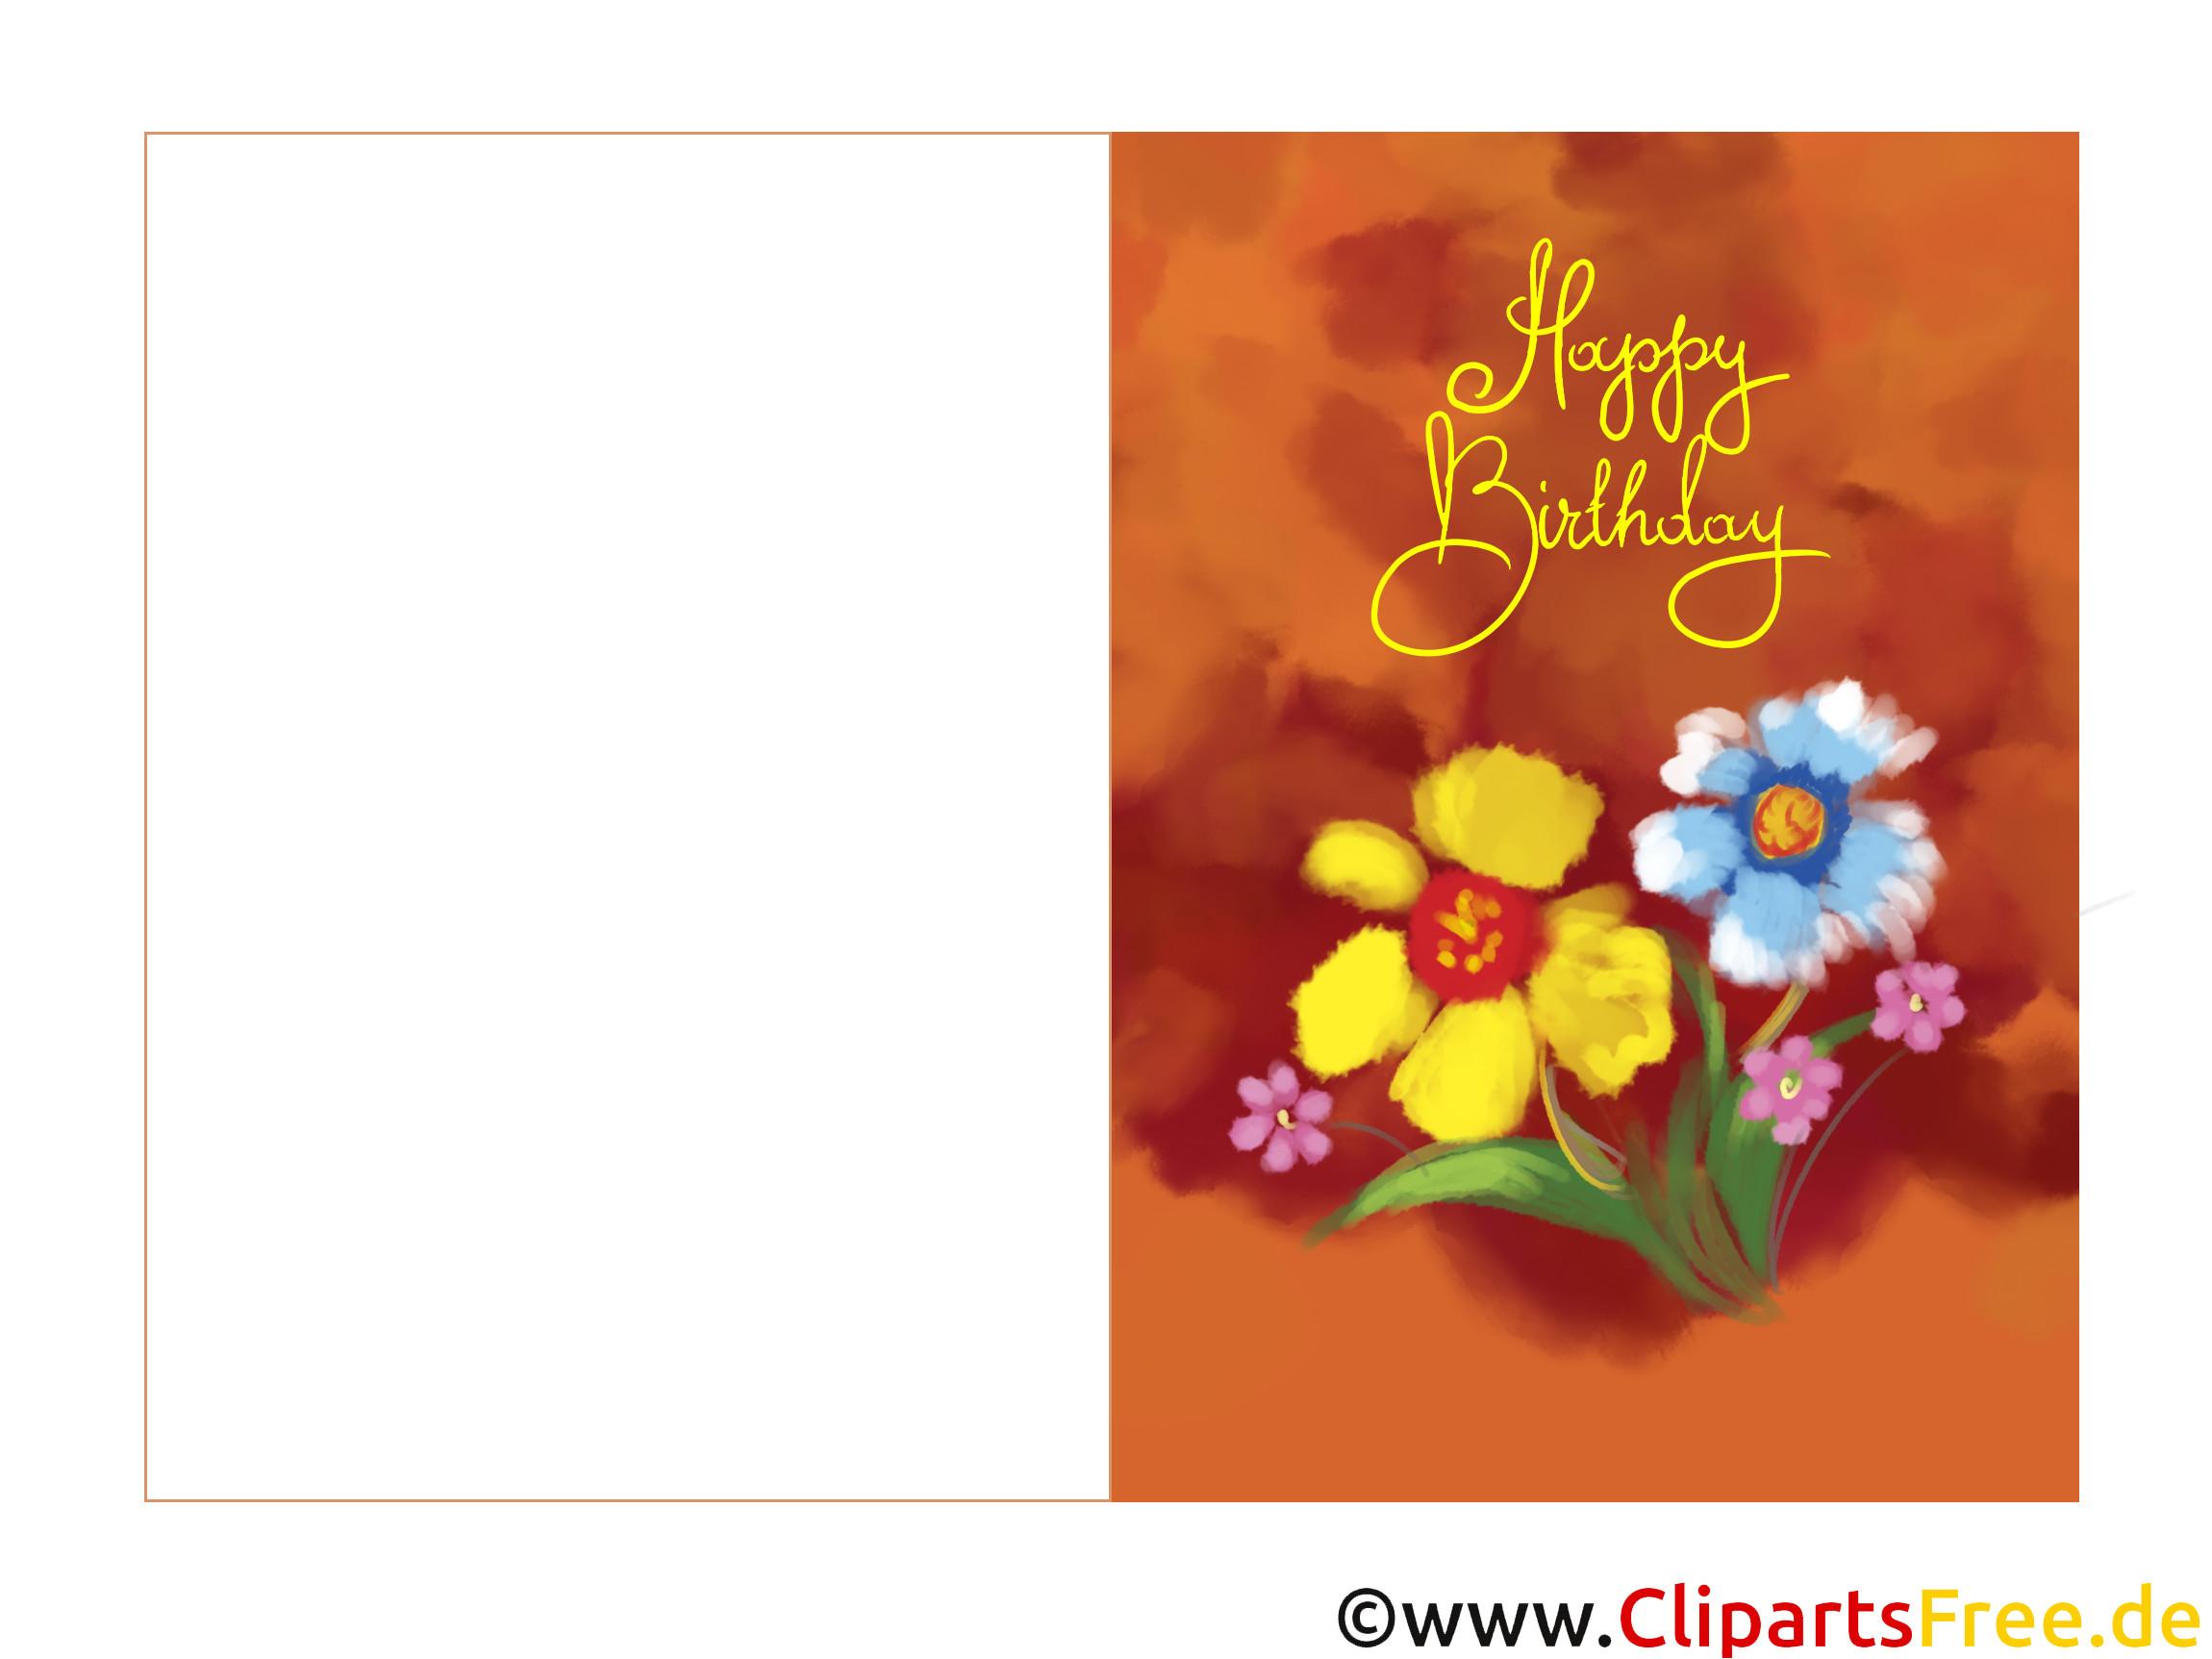 Geburtstagskarten Zum Ausdrucken Kostenlos  Elektronische Geburtstagskarte kostenlos zum Runterladen